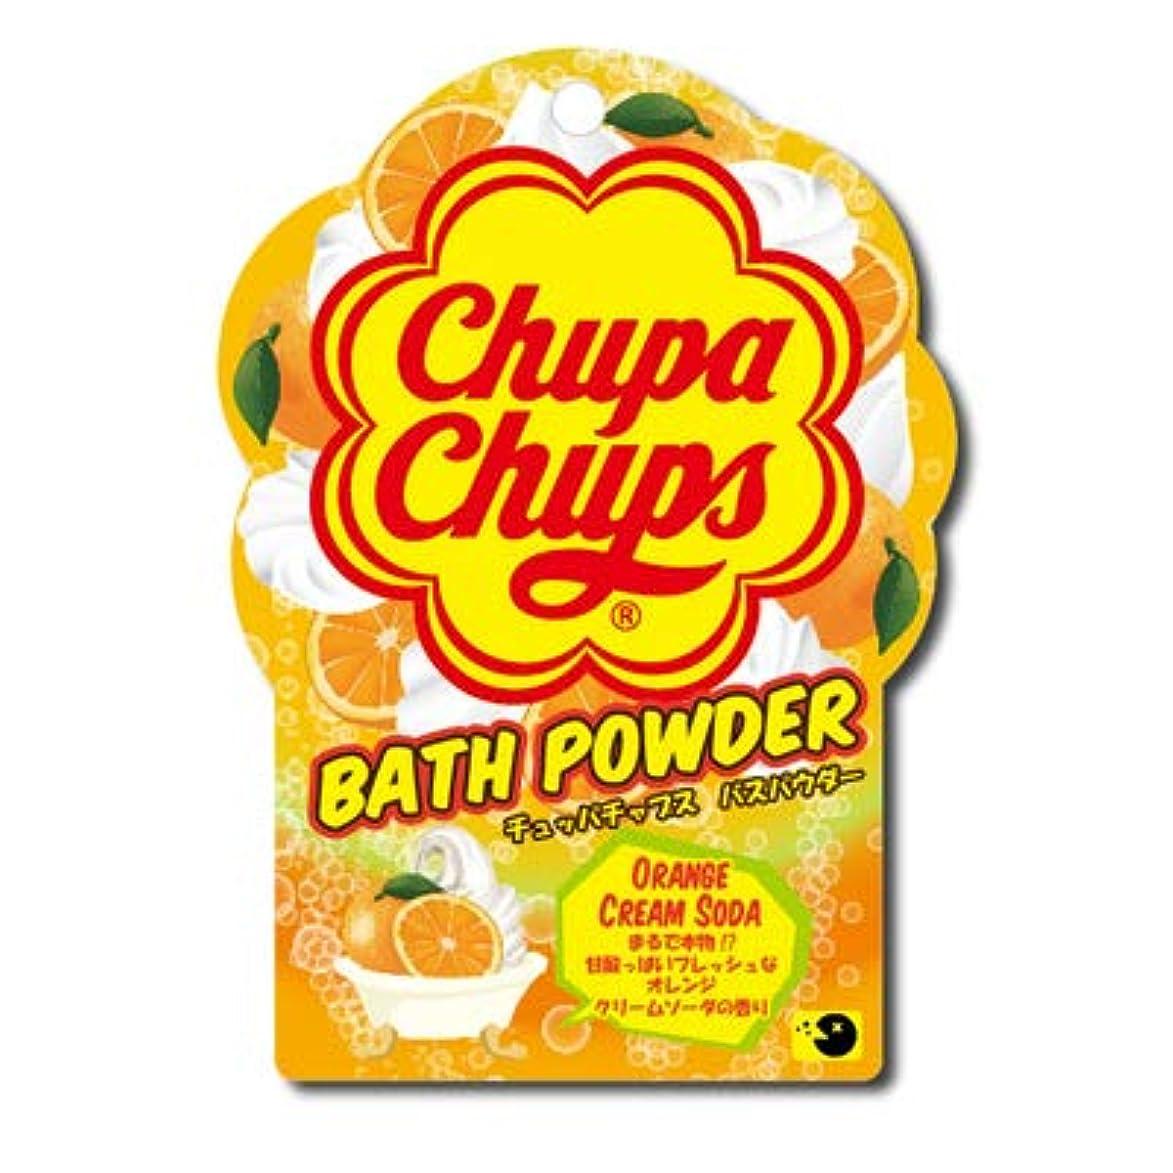 【まとめ買い6個セット】 チュッパチャプスバスパウダー オレンジクリームソーダ